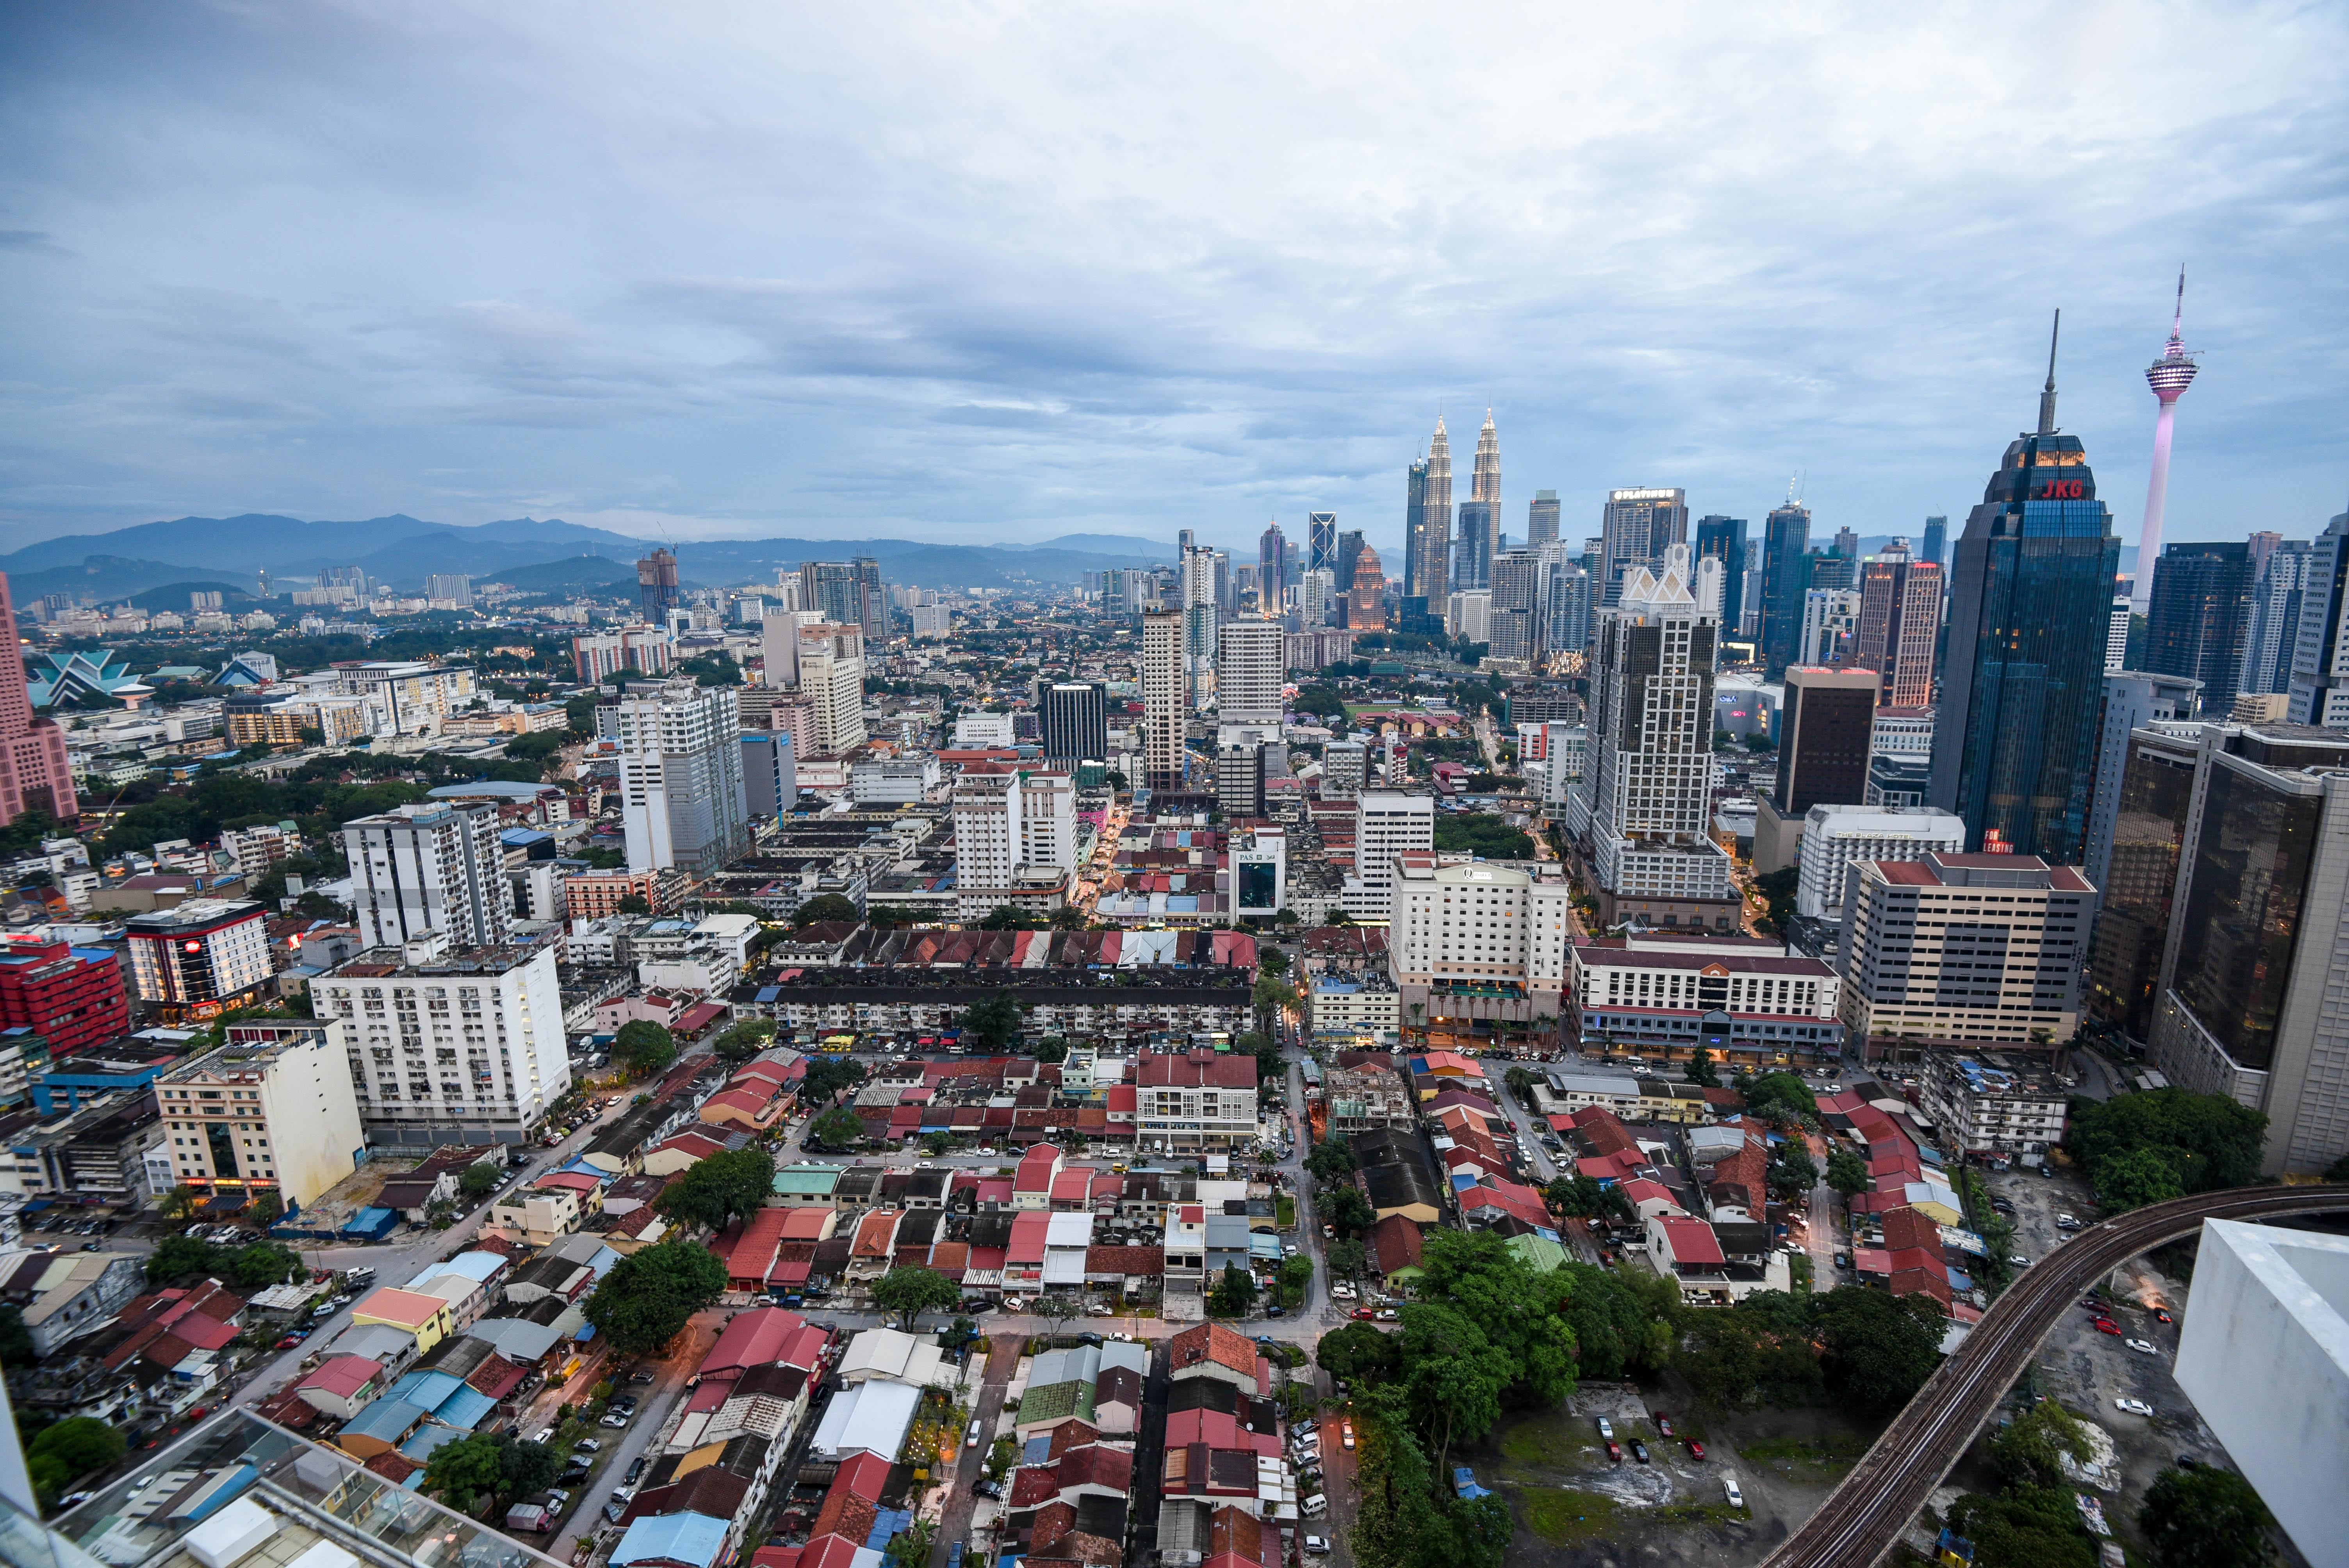 La vue de Kuala Lumpur, du 37ème étage @neweyes